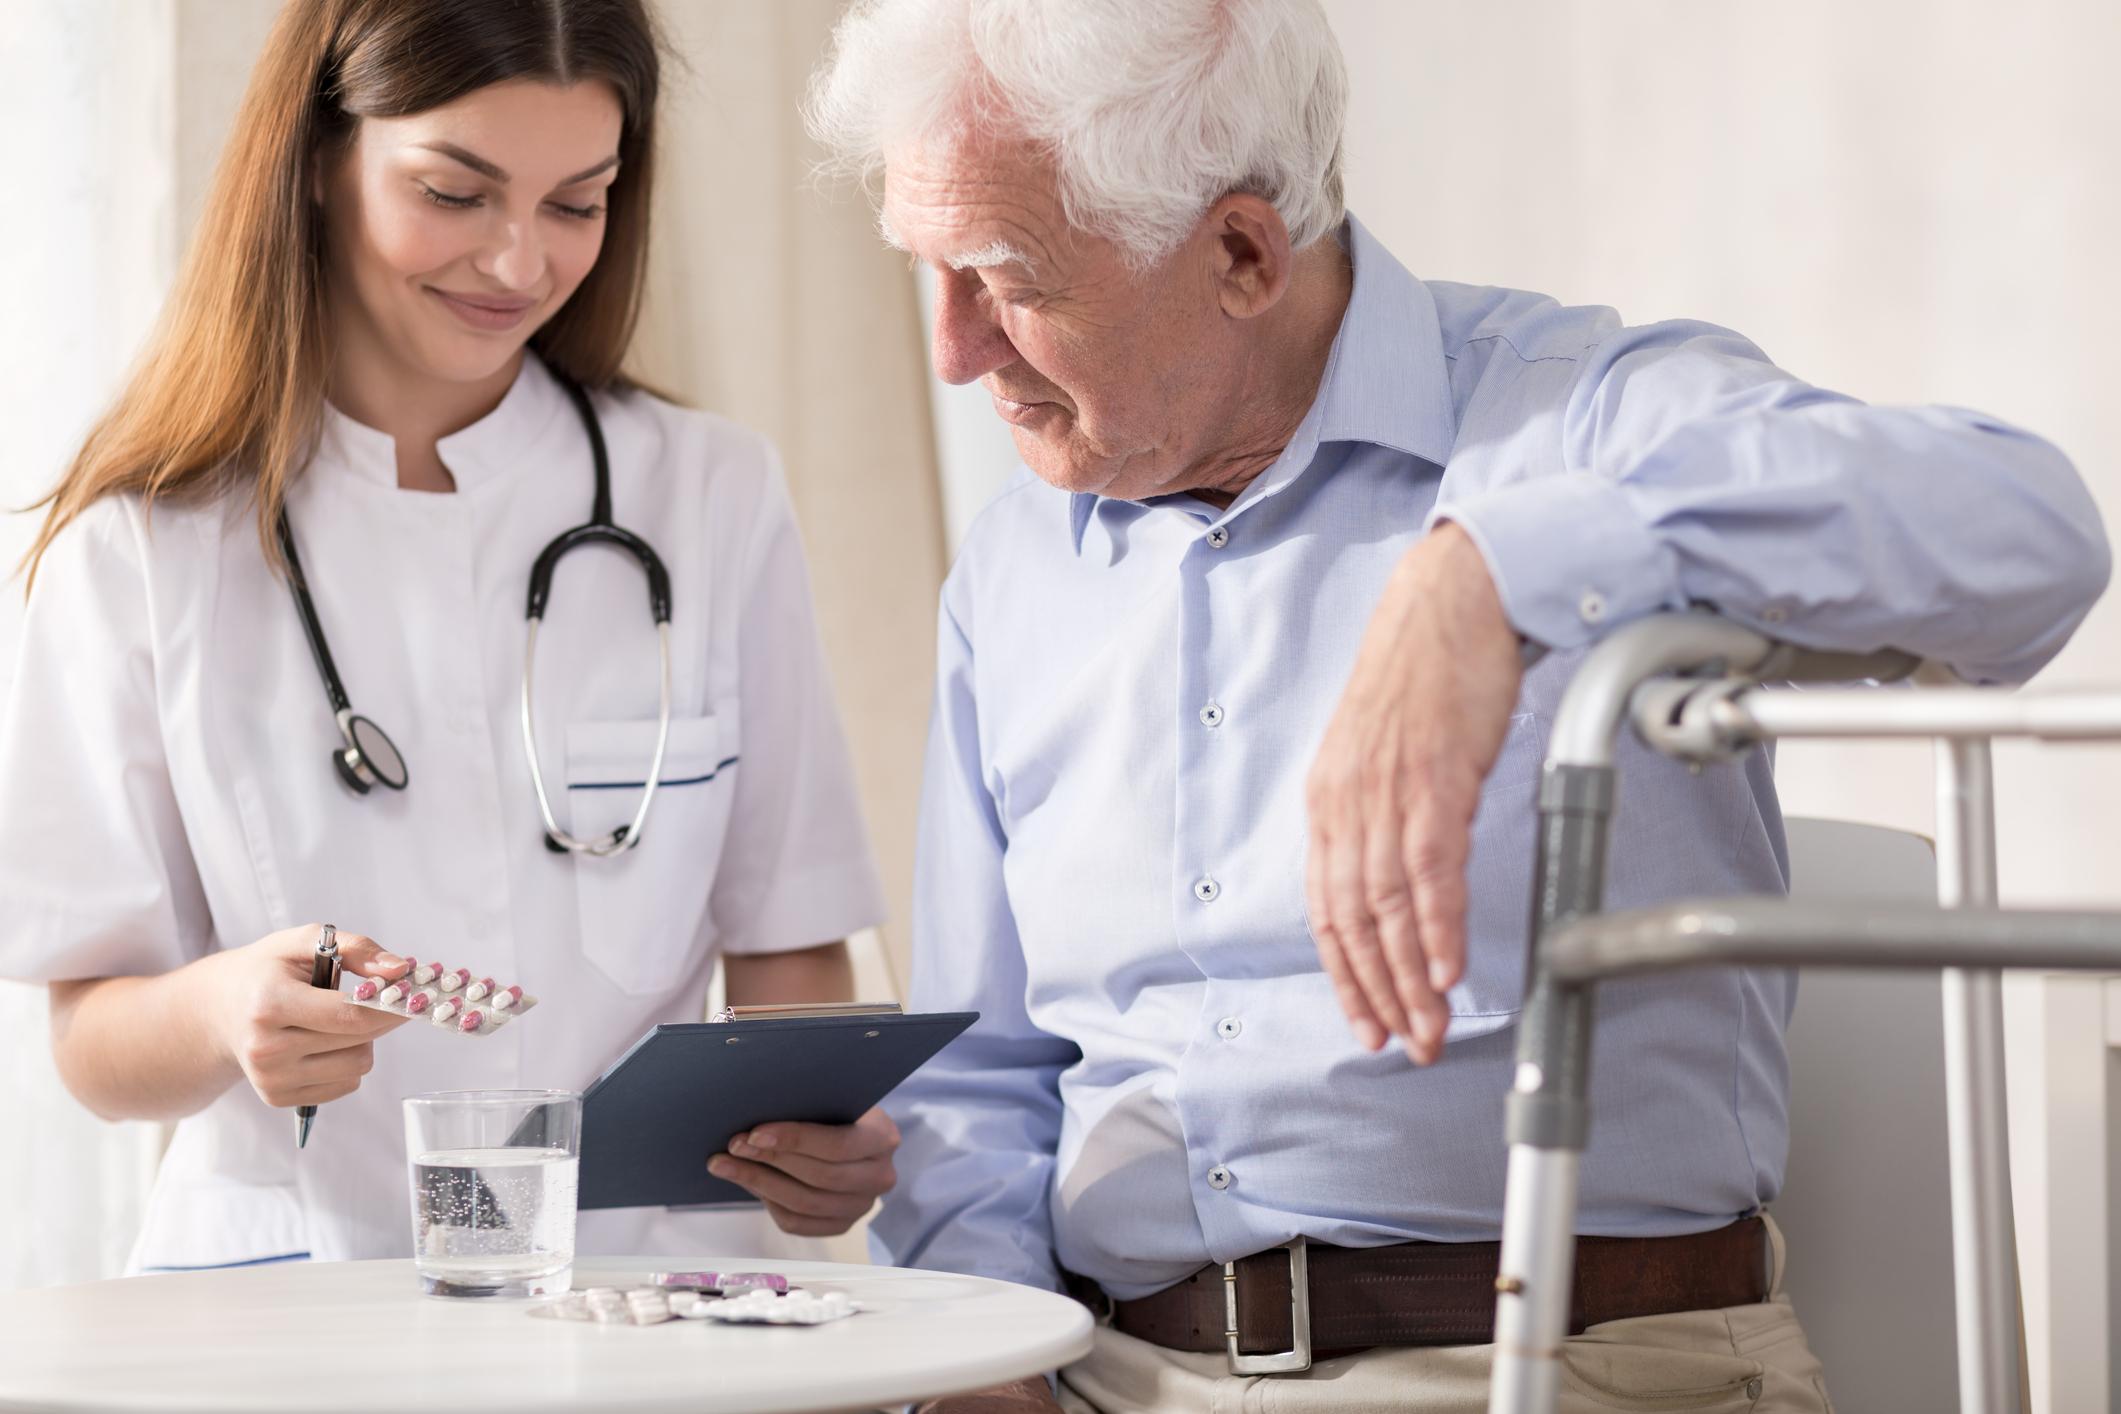 Nurse giving medication to elderly man.